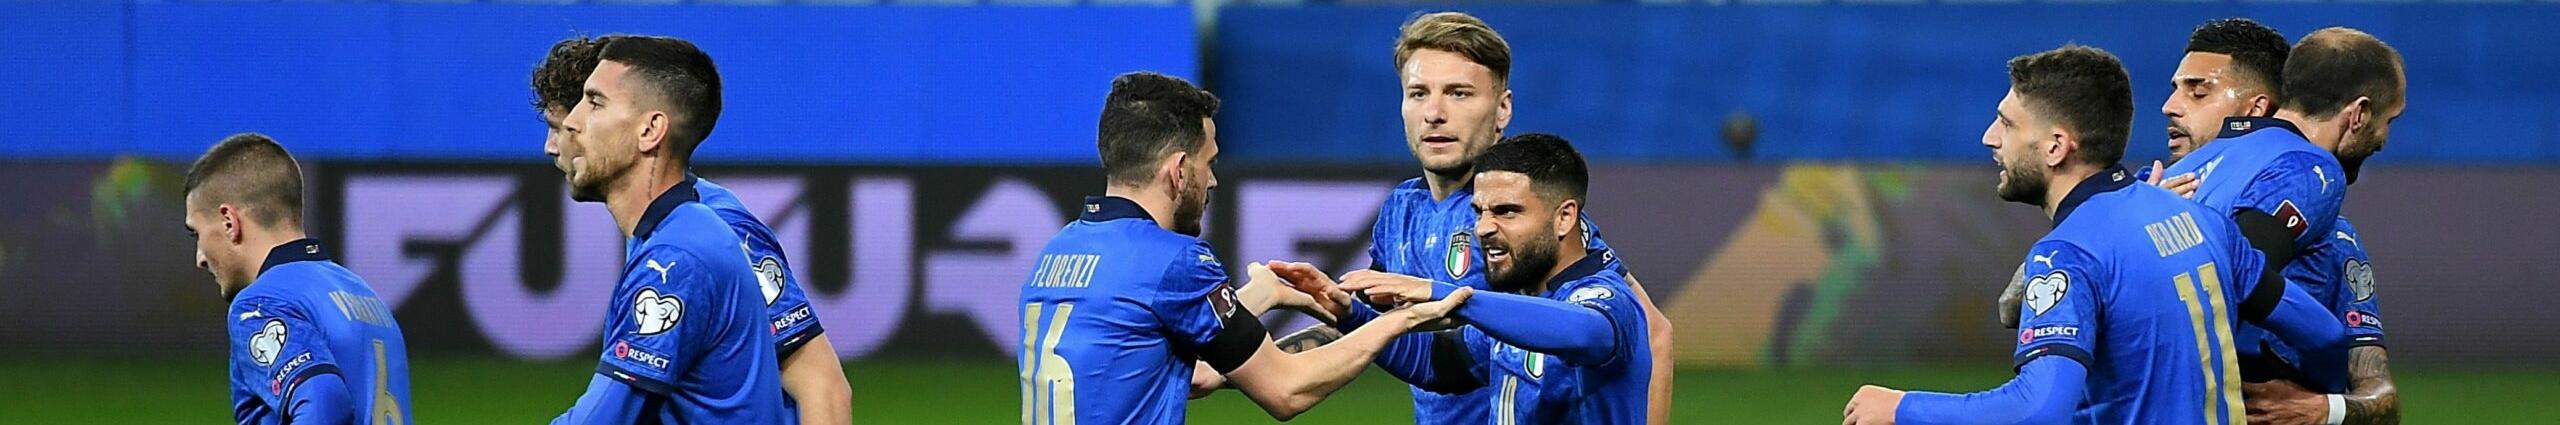 Bulgaria-Italia, azzurri a caccia di altri 3 punti...e di gol